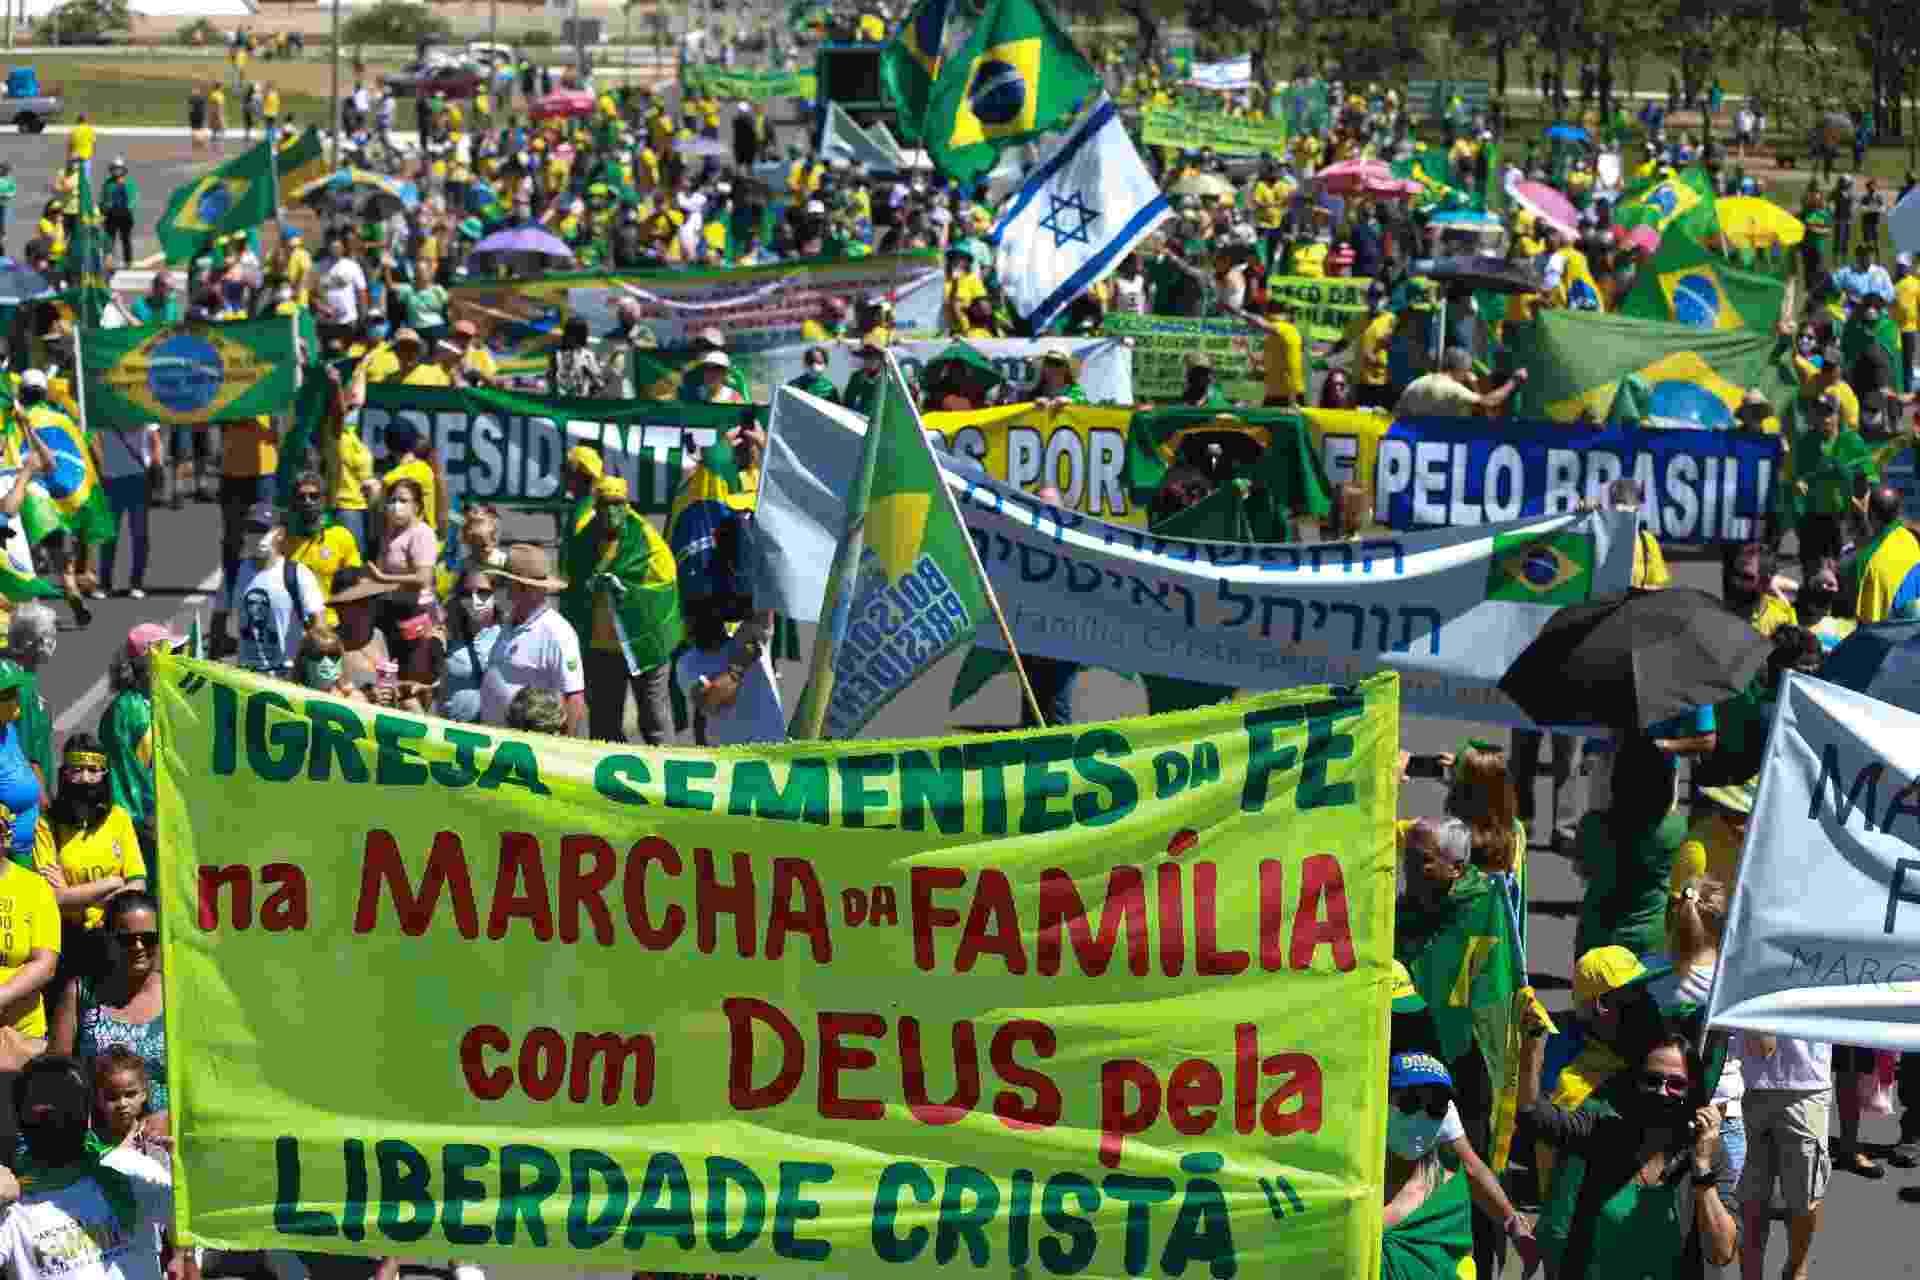 11.abr.2021 - Marcha da Família realizada em Brasília por apoiadores do governo Bolsonaro pede a criminalização do comunismo - CLÁUDIO MARQUES/ESTADÃO CONTEÚDO